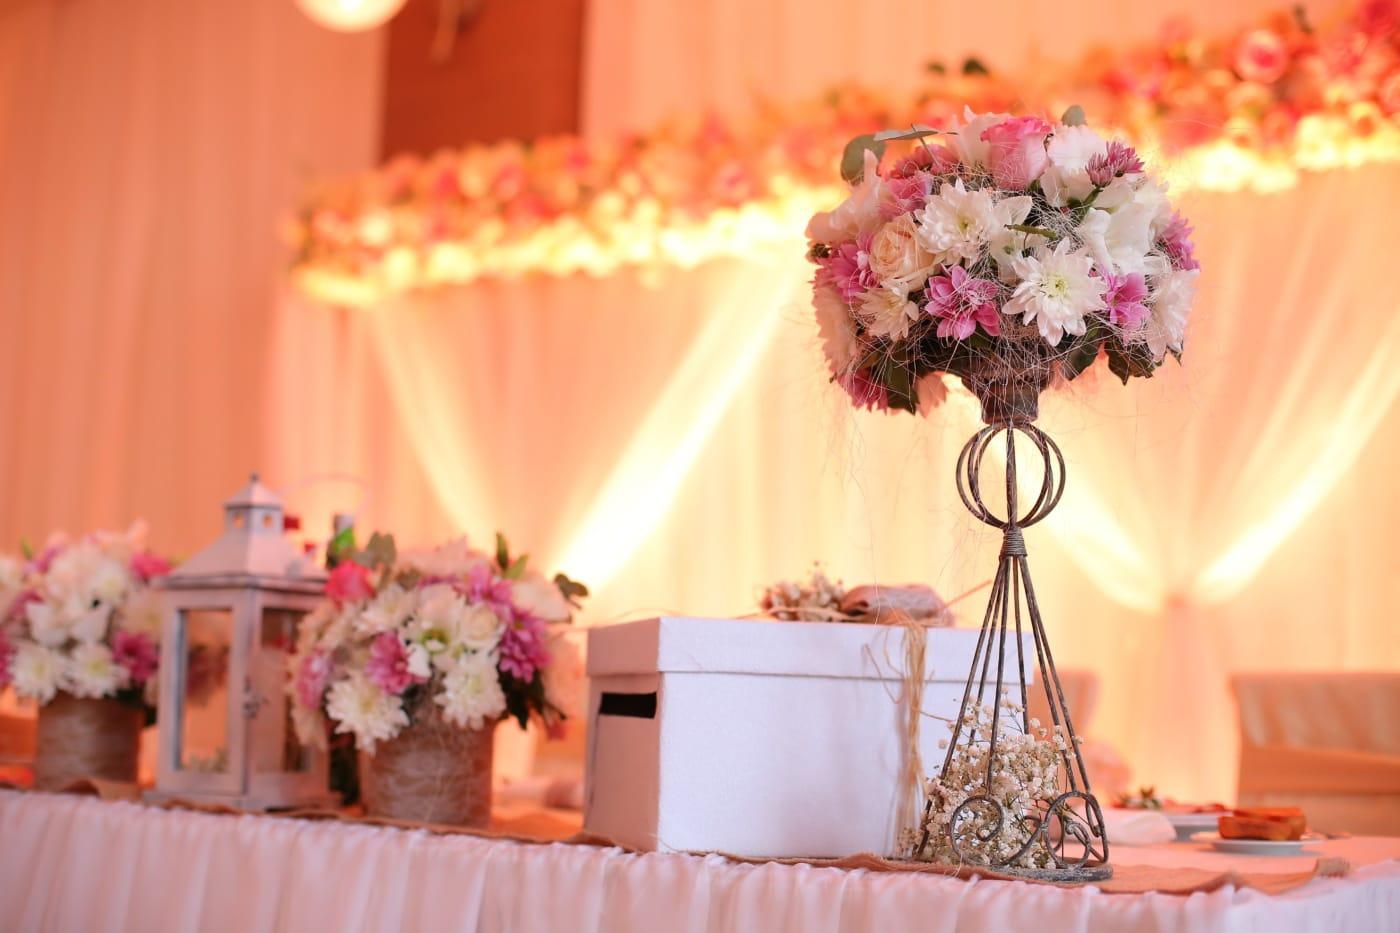 romantique, réception, décoration, mariage, salle de mariage, fleurs, luxe, bouquet, Design d'intérieur, élégant